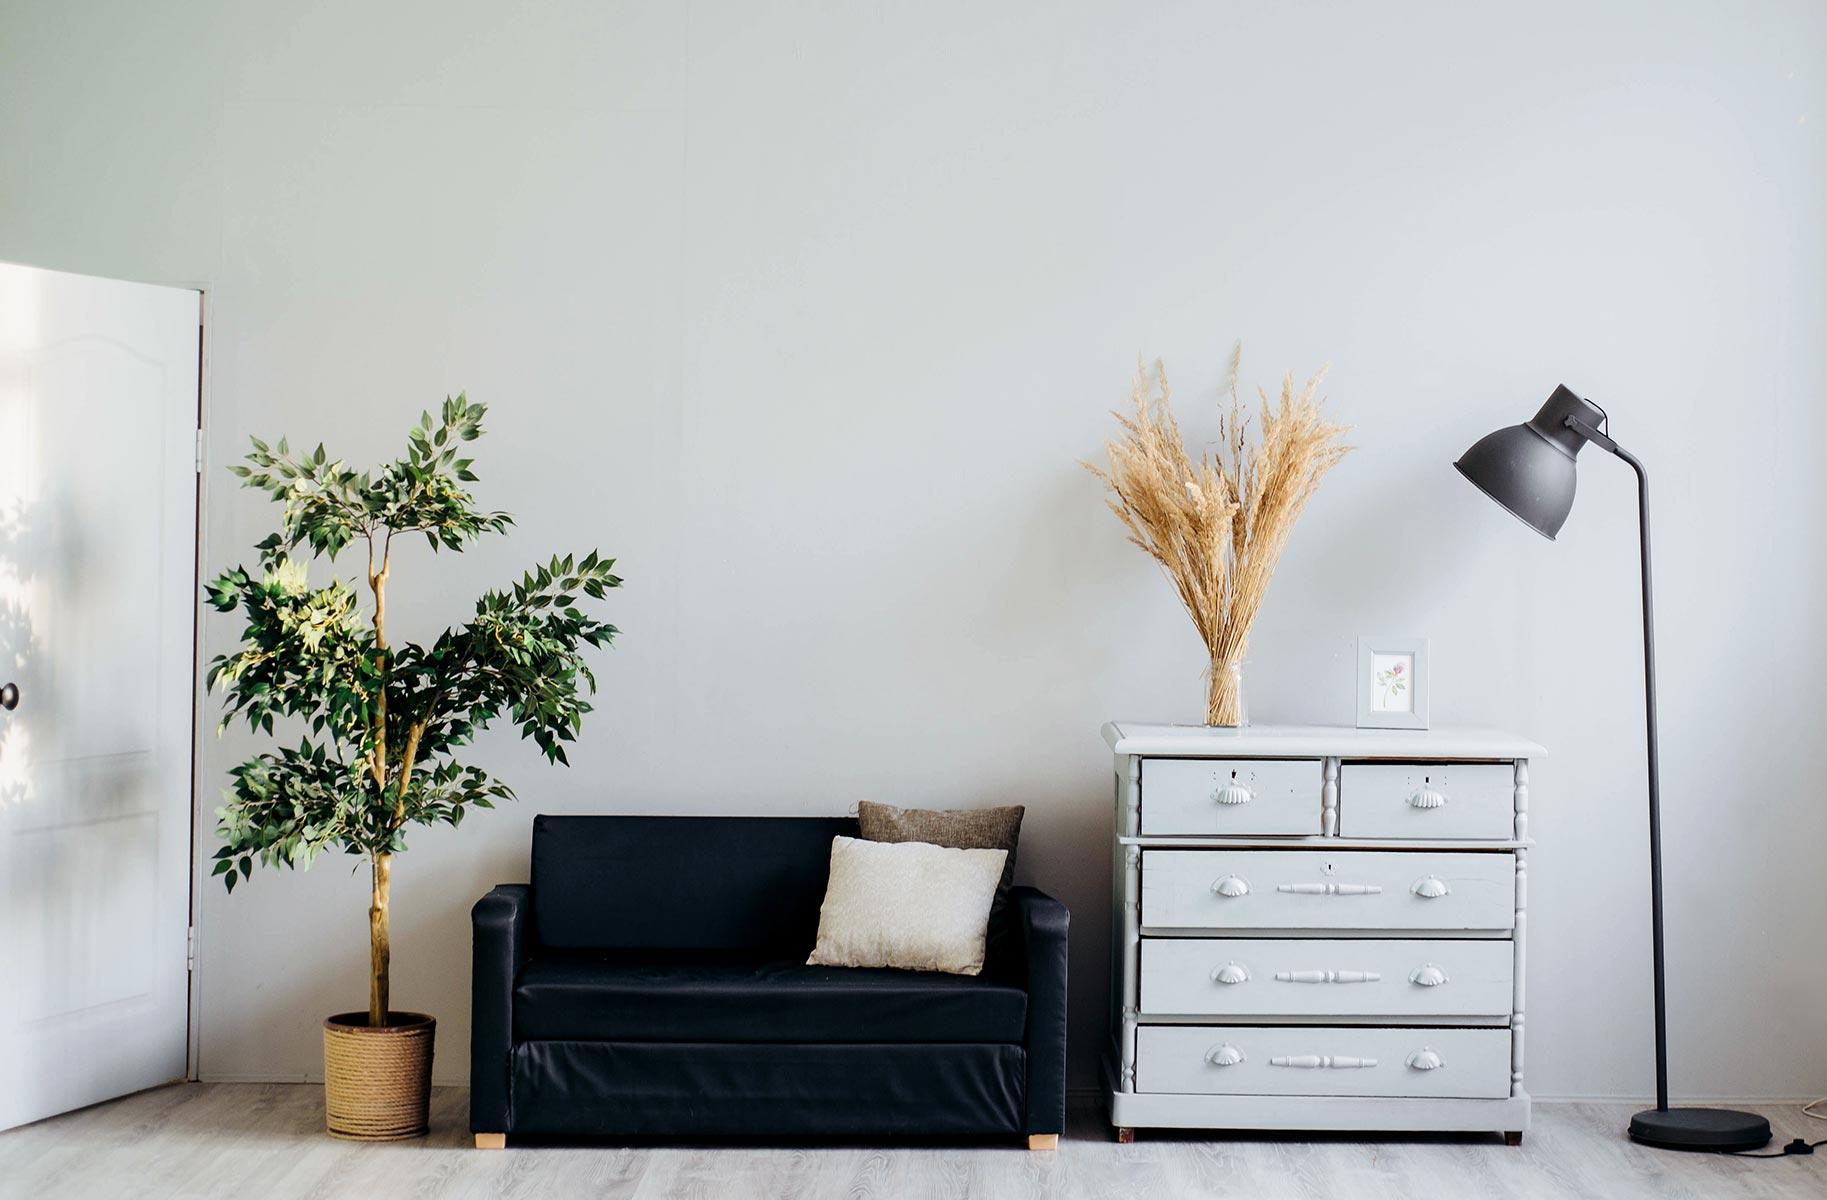 Arredamenti Rivarolo Canavese passione fai da te: come rinnovare mobili e soprammobili di